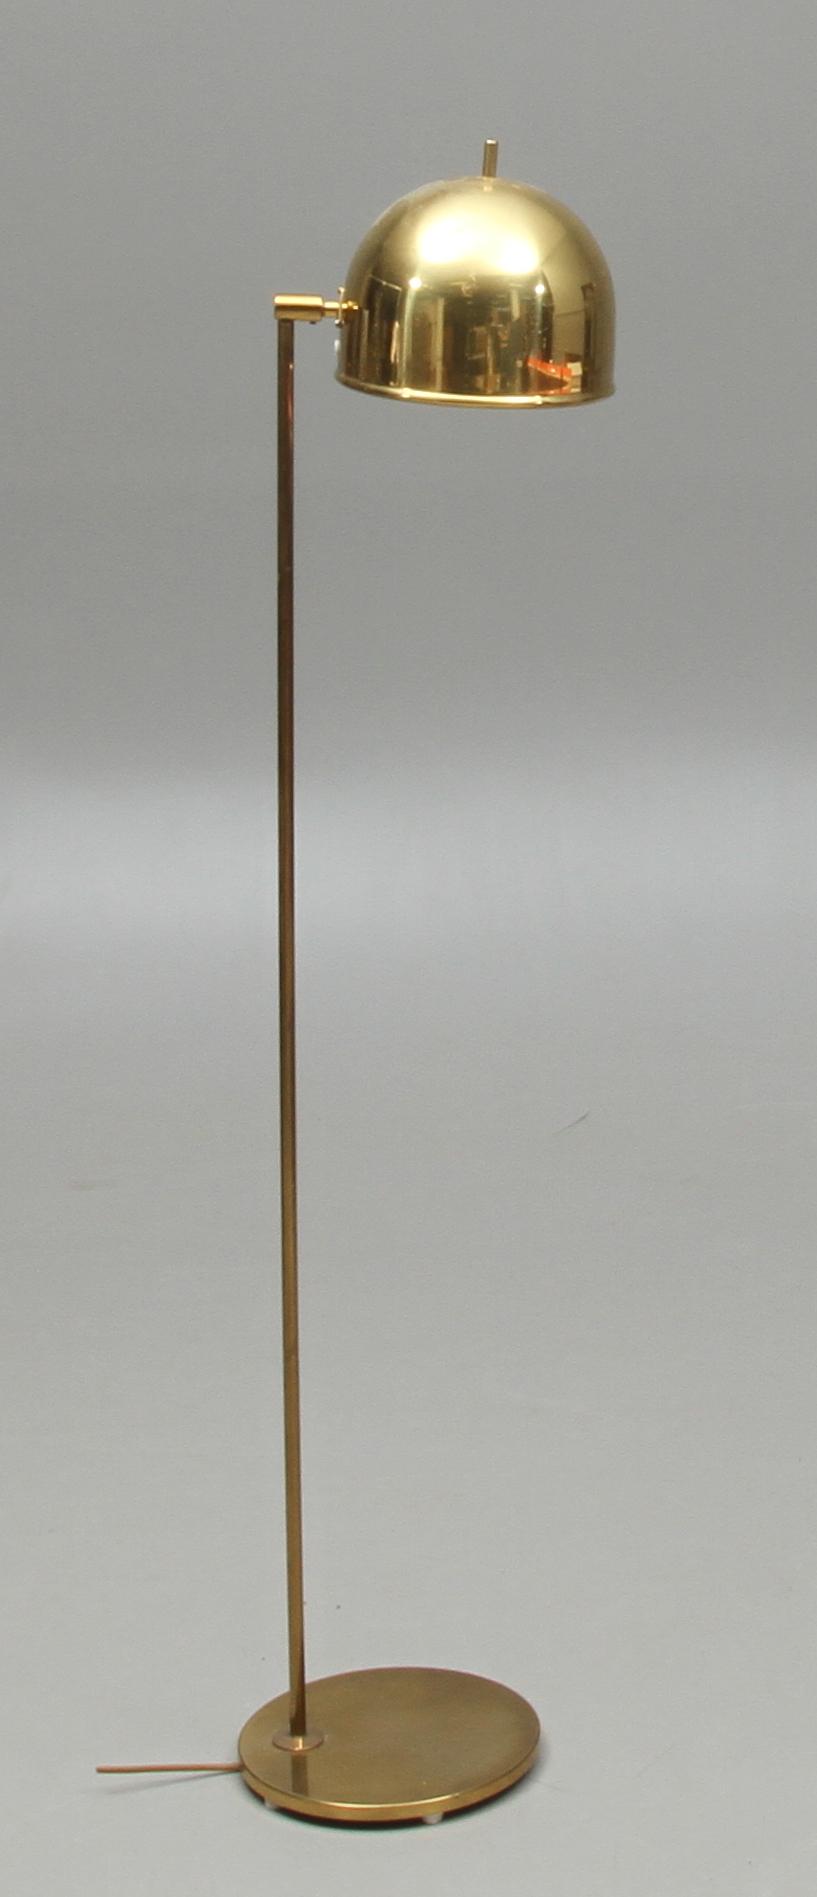 Bilder för 62703 GOLVLAMPA, mässing, Bergboms, 1900 tal u2013 Auctionet